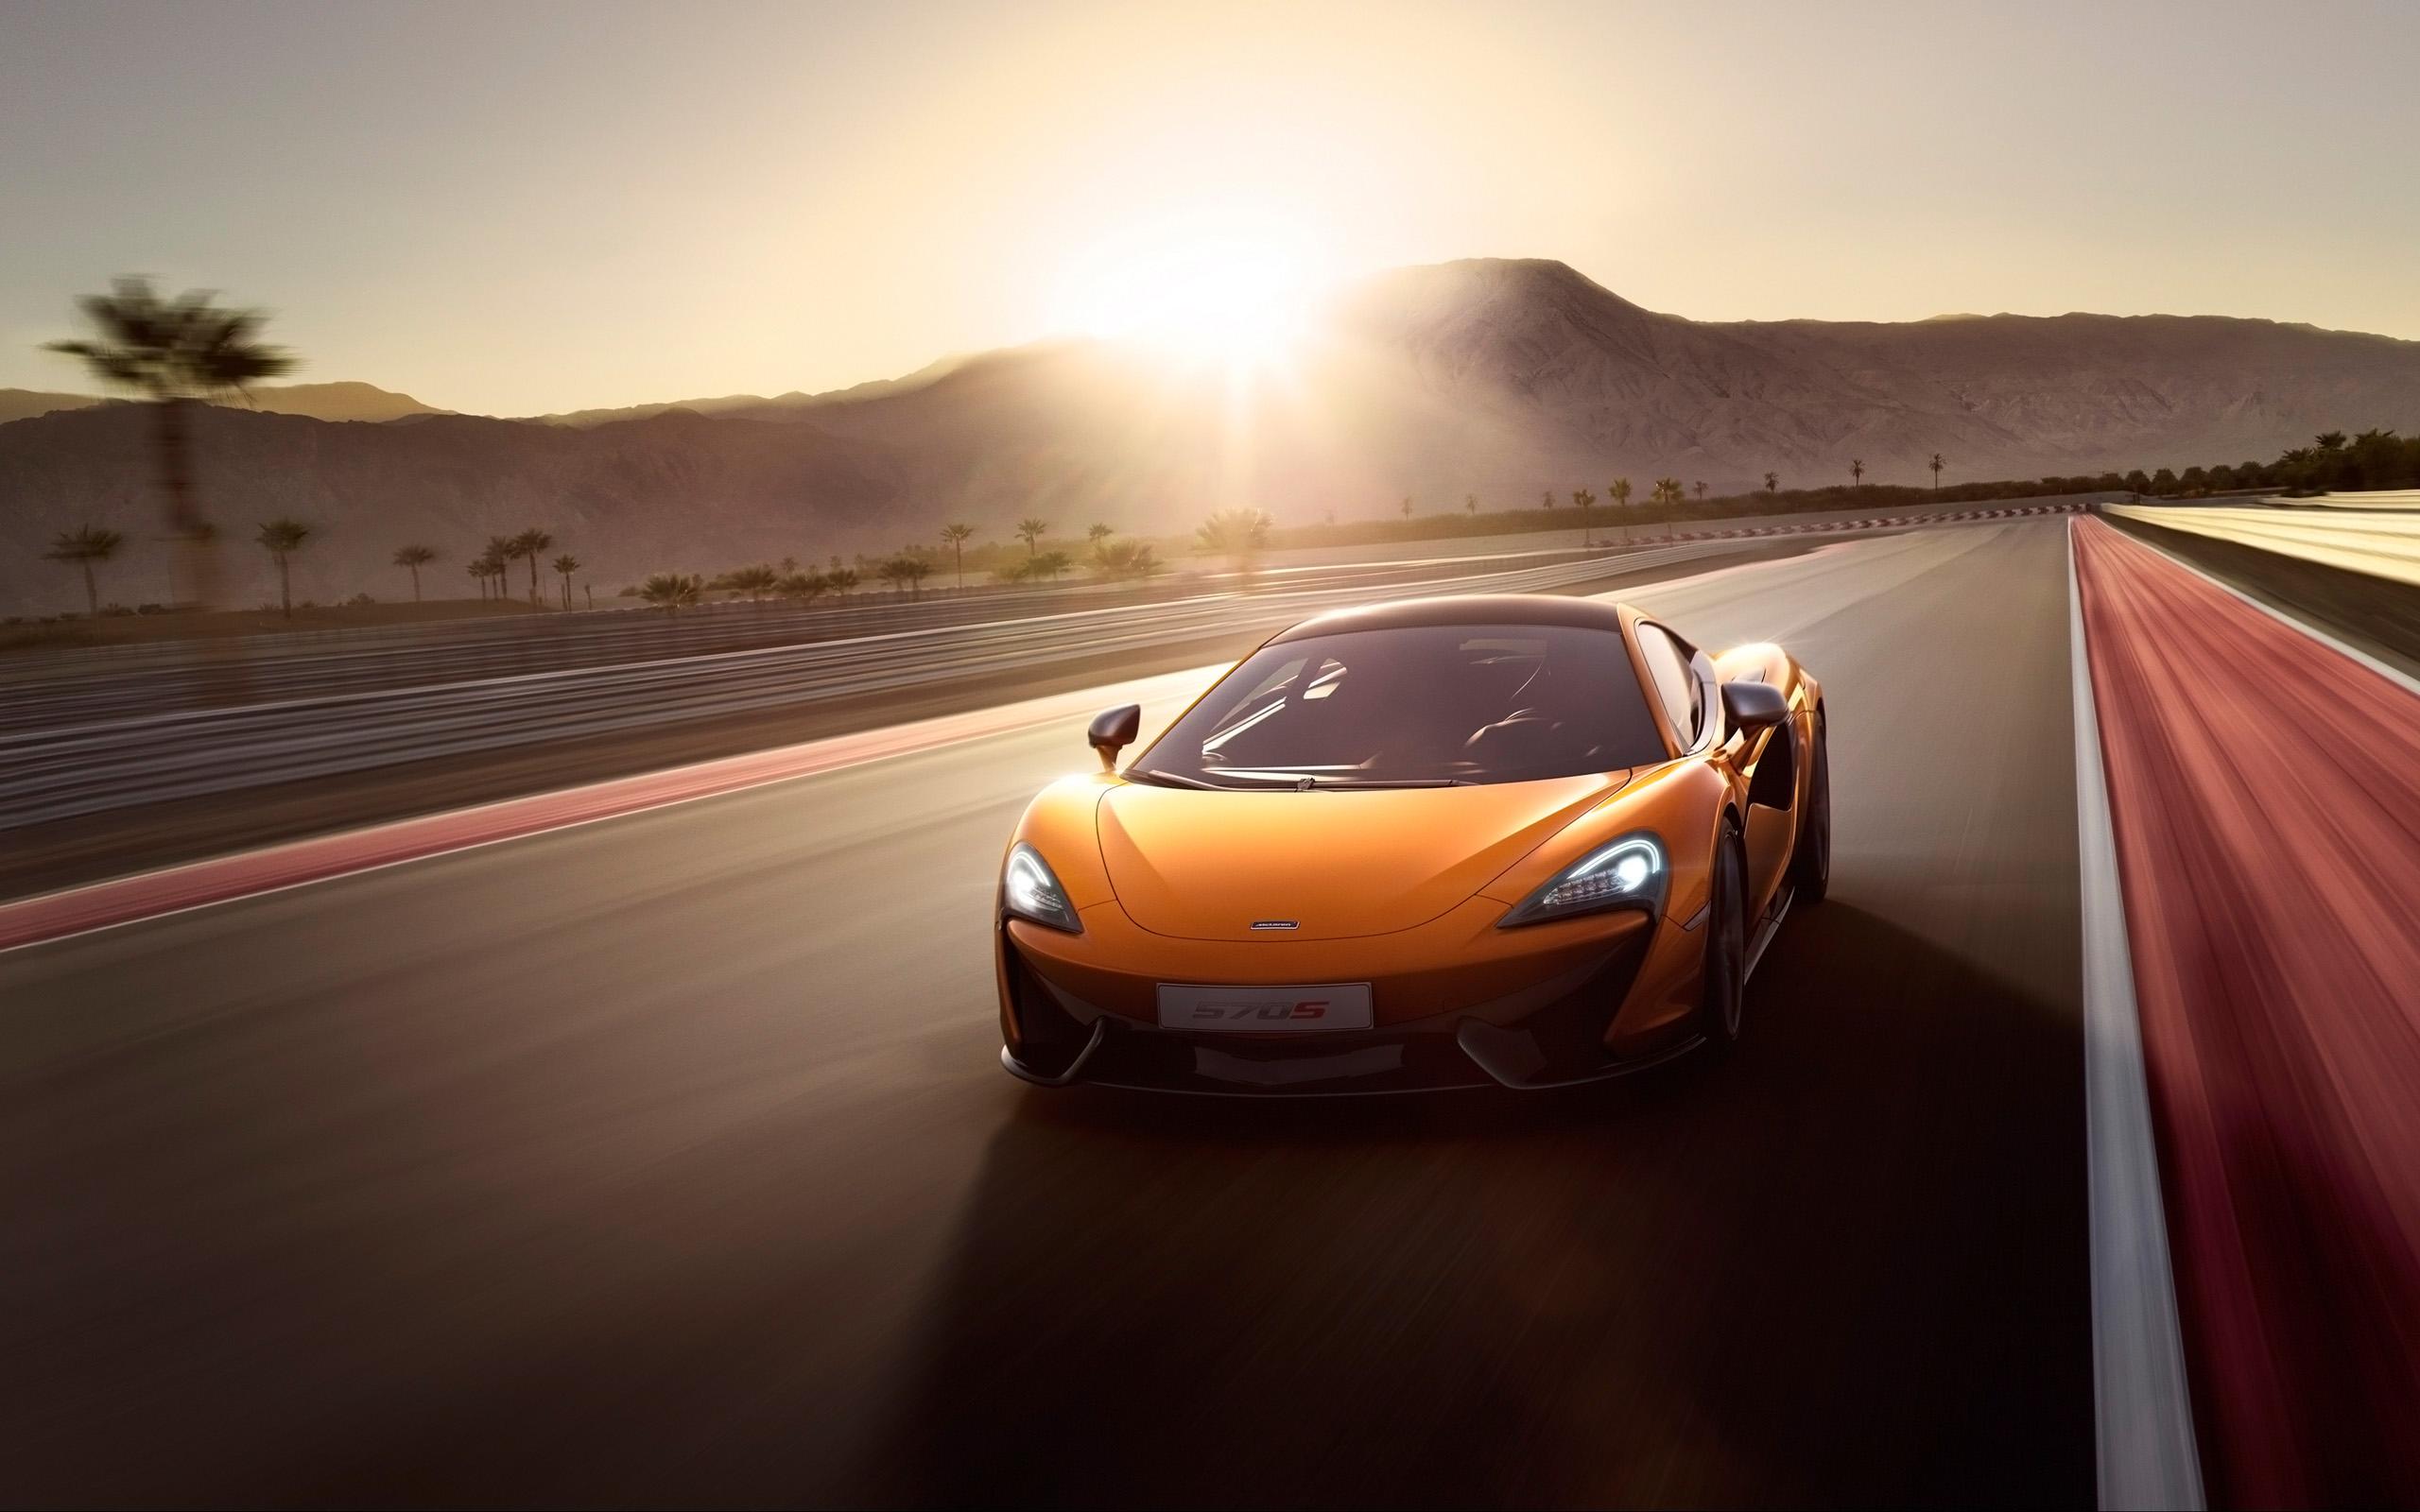 2015 McLaren 570S Wallpapers | HD Wallpapers